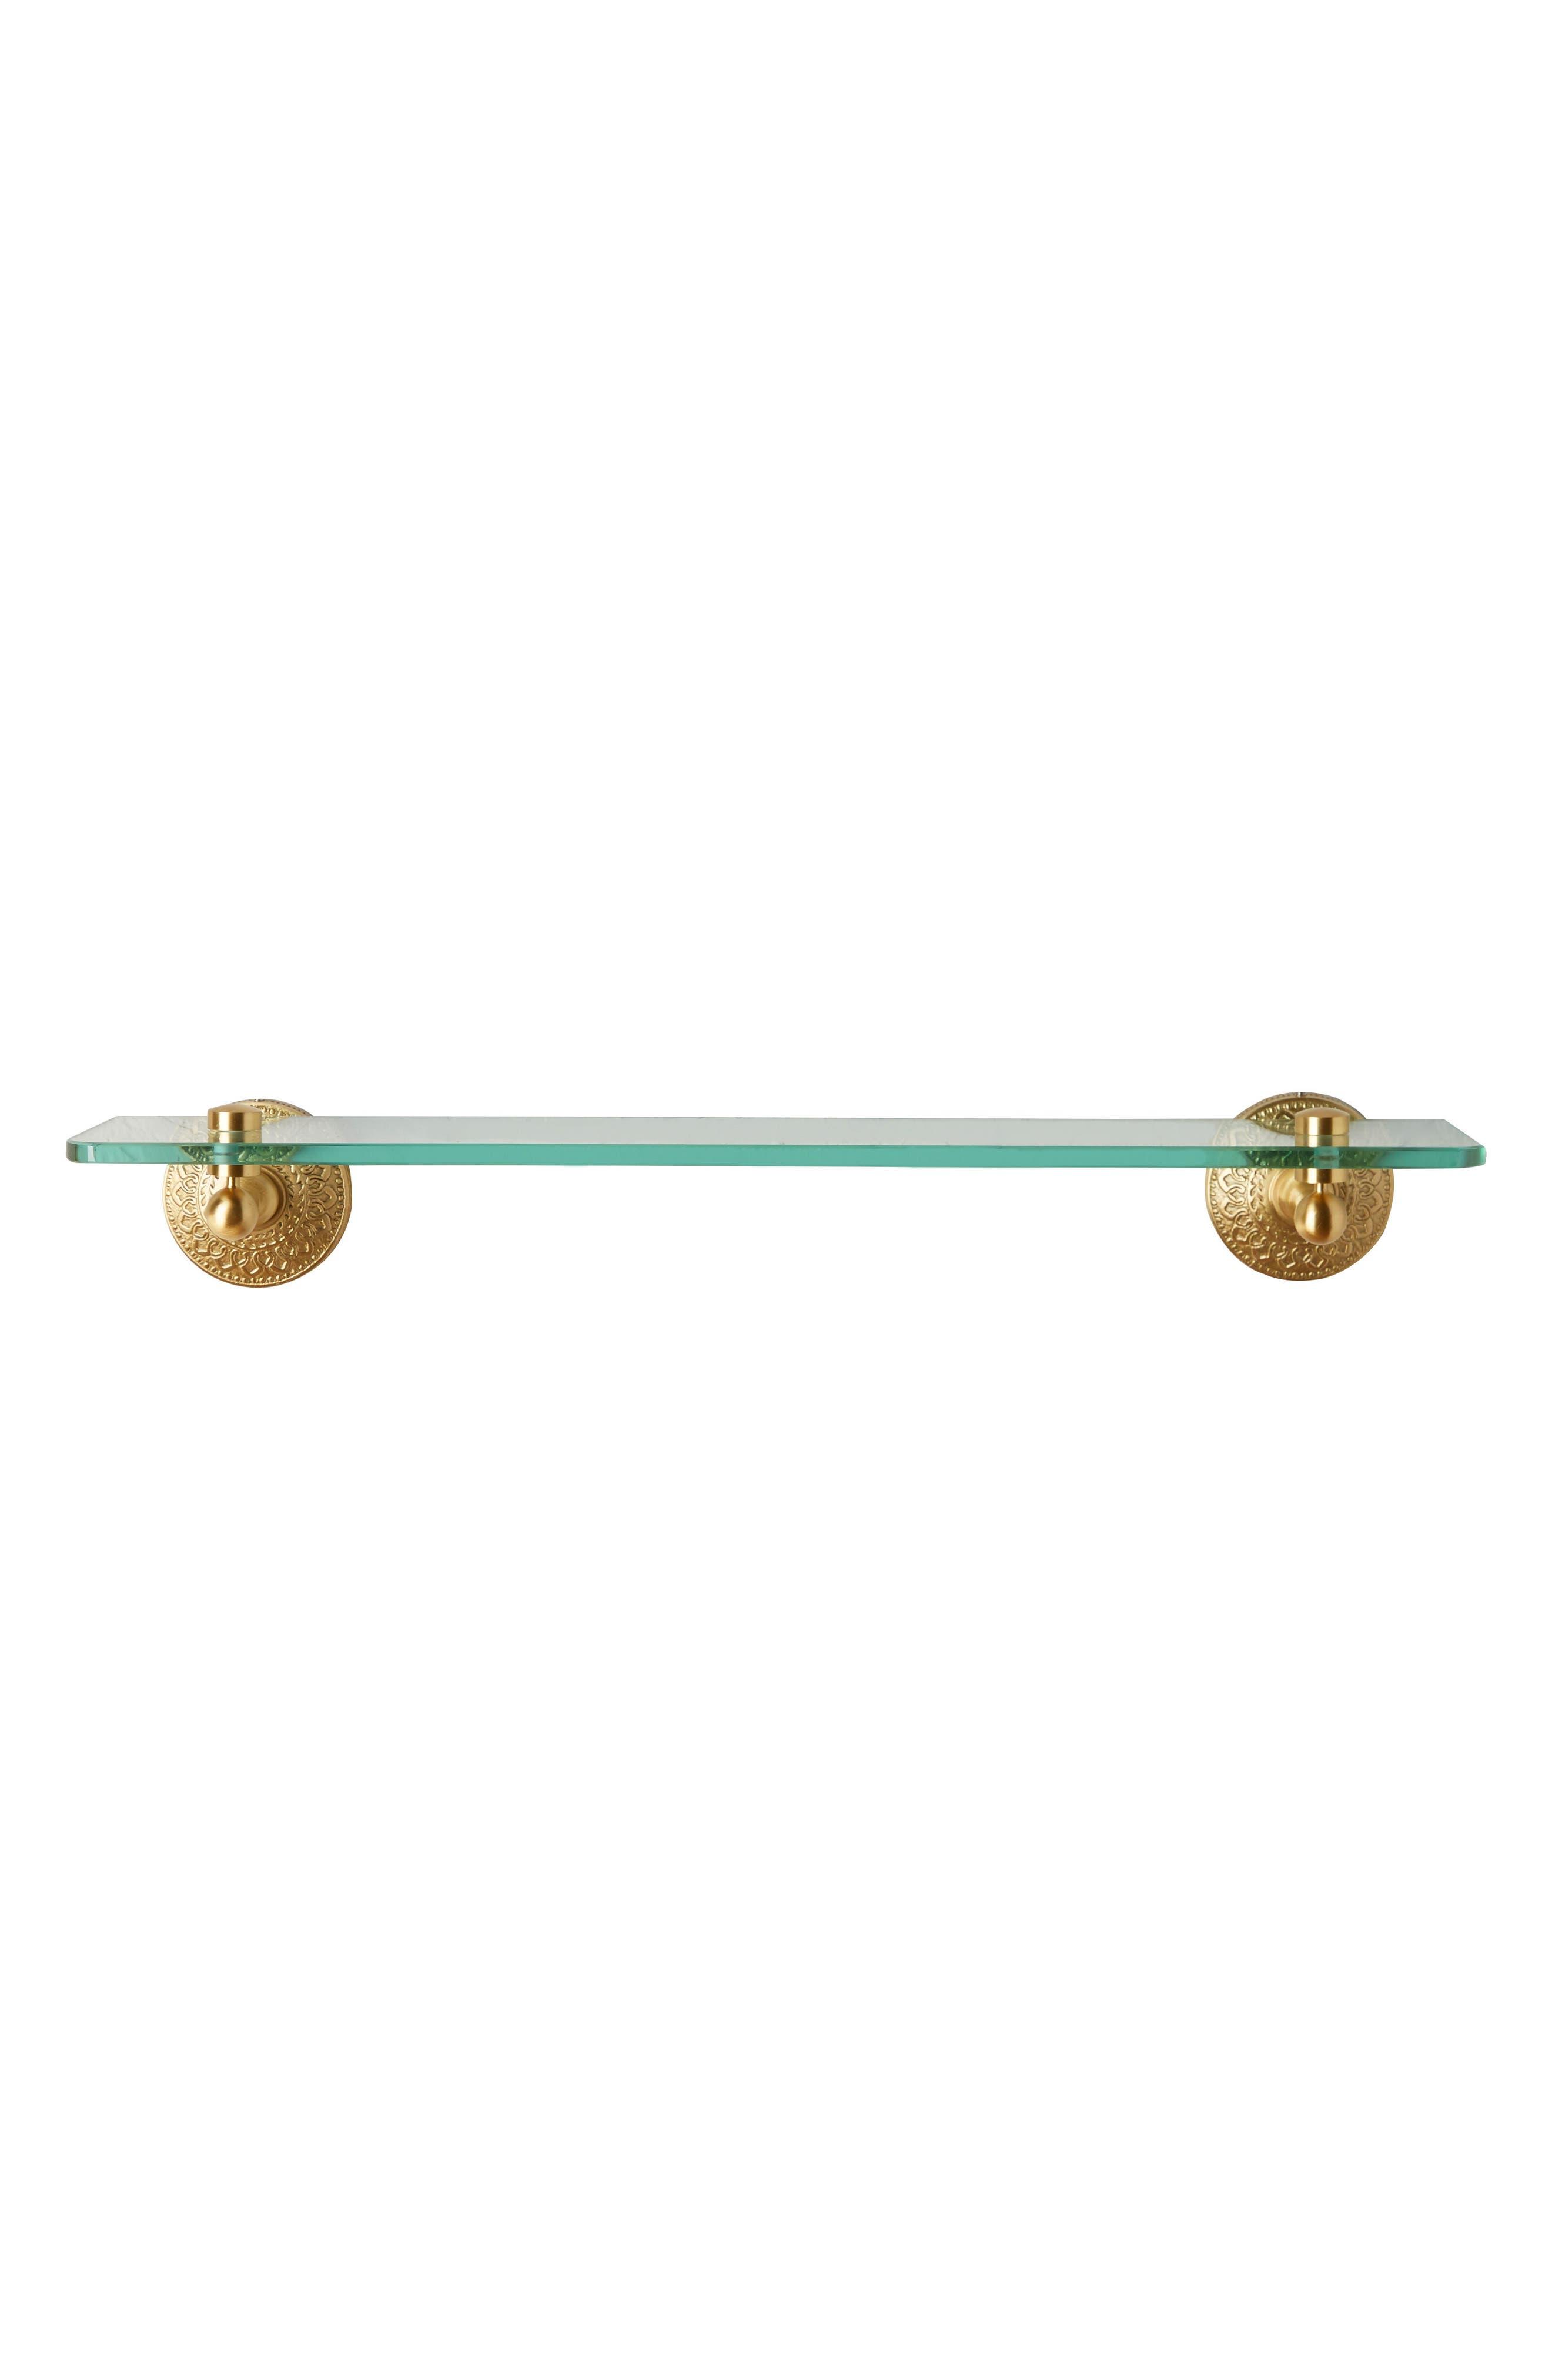 Brass Medallion Shelf,                             Alternate thumbnail 4, color,                             710